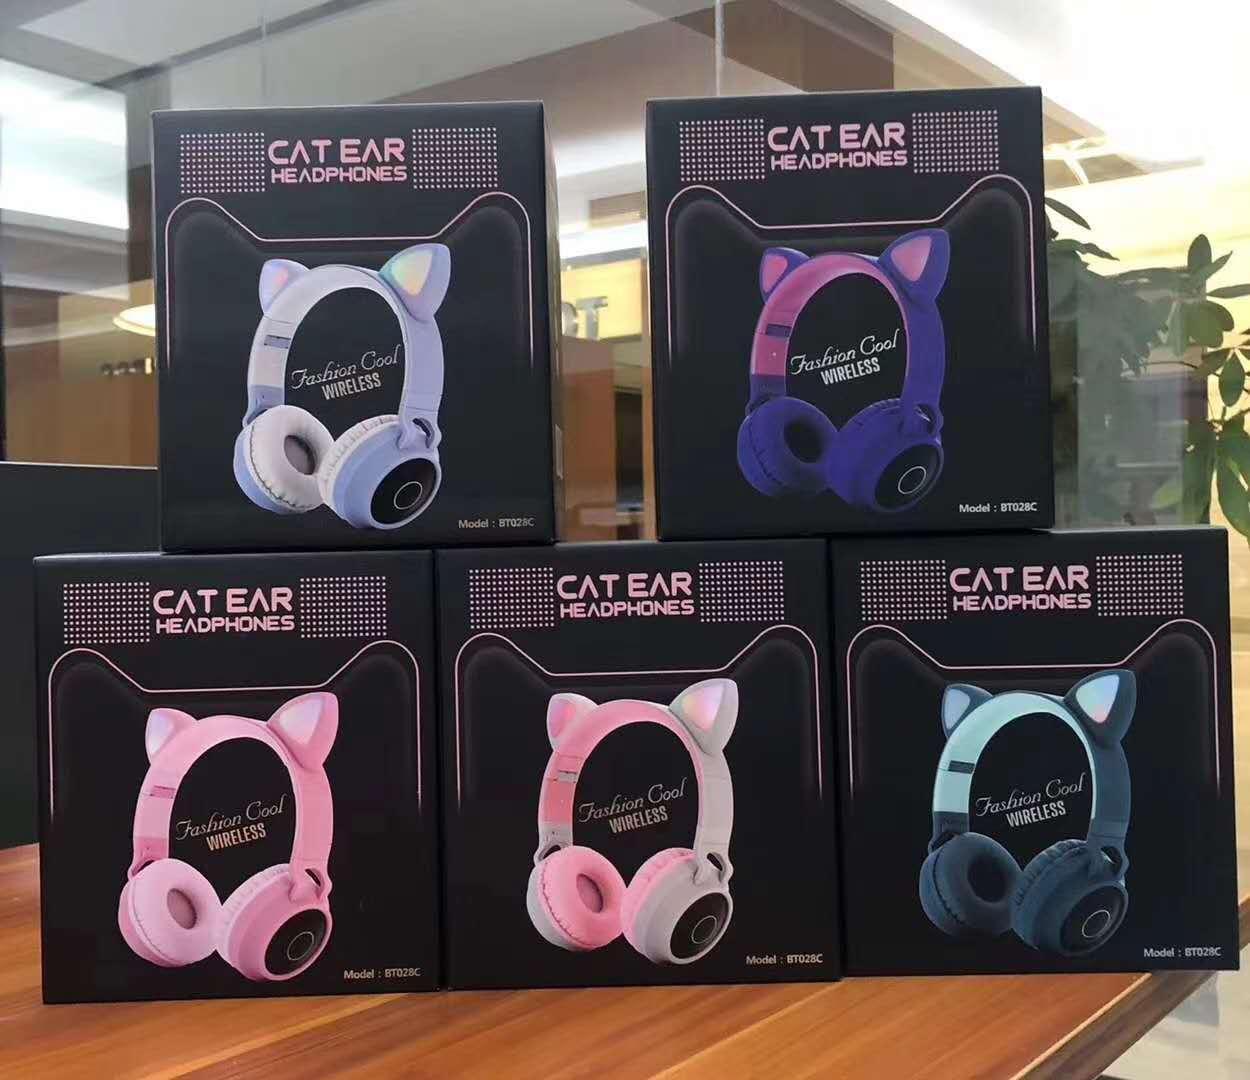 炫彩发光B39头戴式无线蓝牙耳机手机电脑通用生产厂家 13